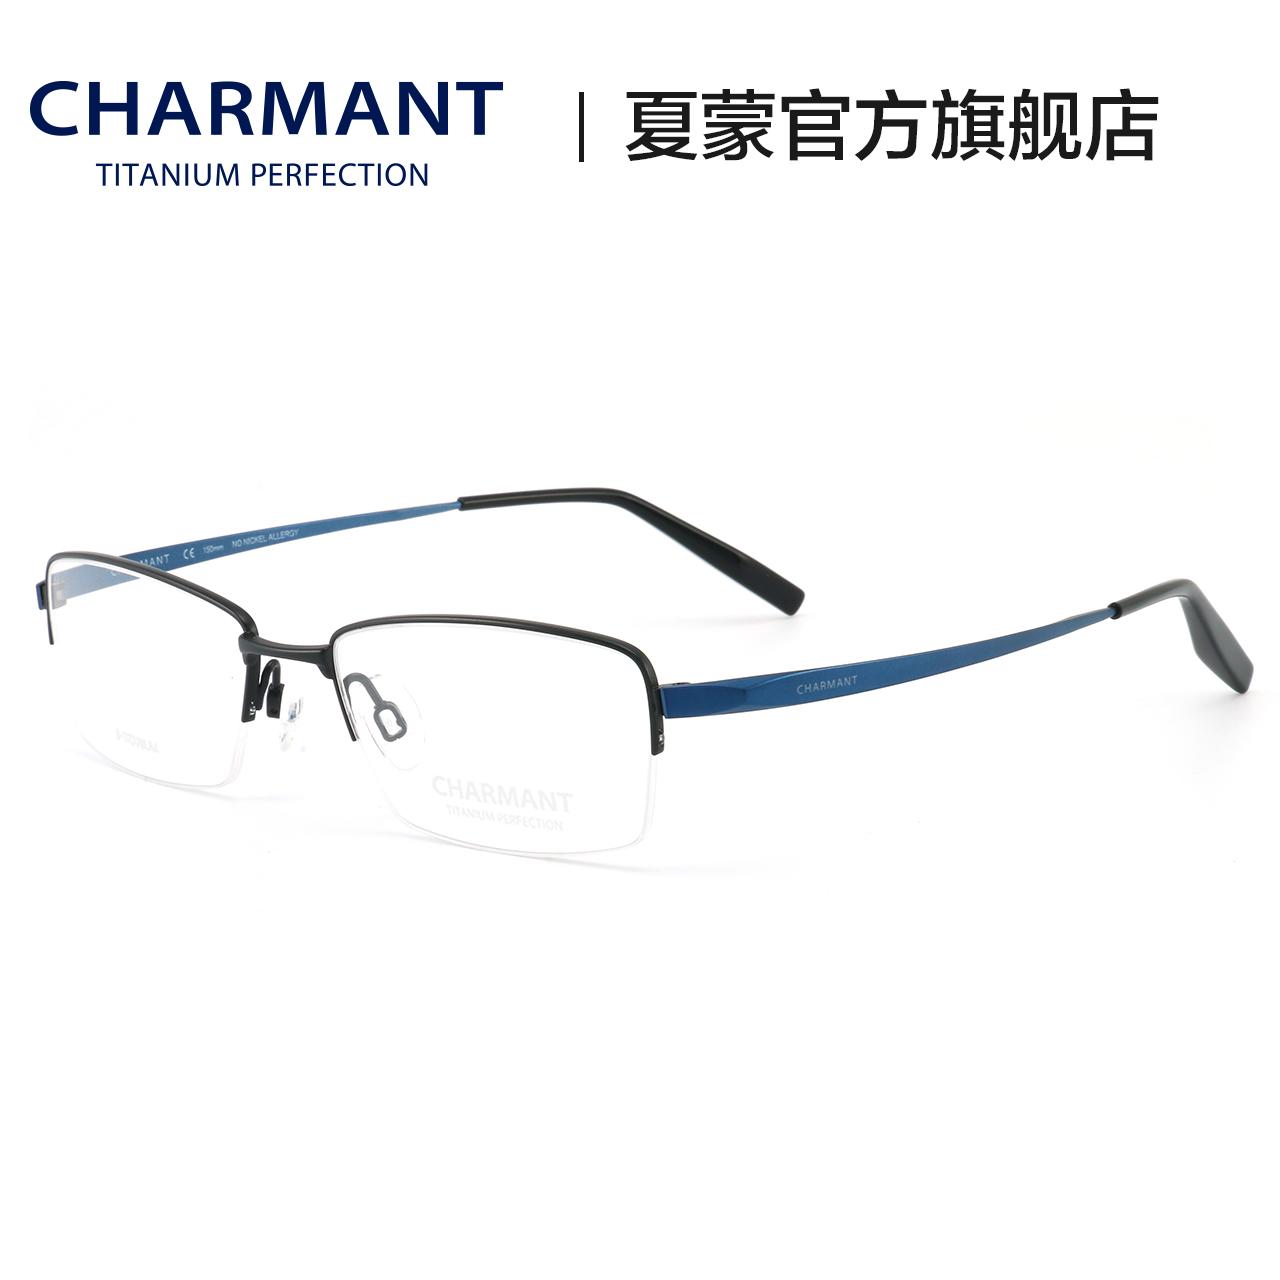 CHARMANT夏蒙眼鏡架男士近視眼鏡商務輕便鈦合金半框鏡框CH10322